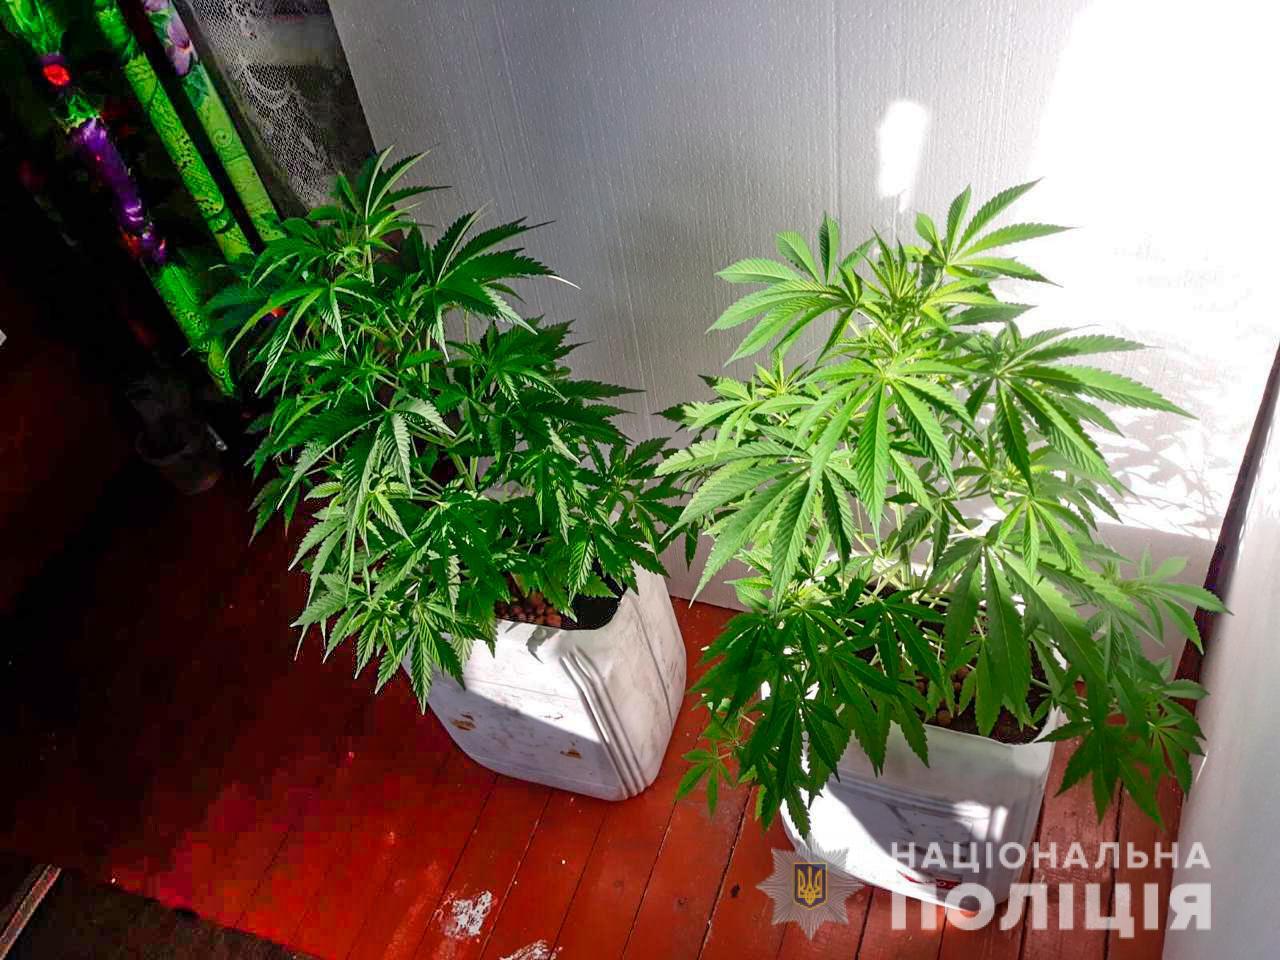 Конопля на подоконнике фото употребление марихуаны вредно или нет